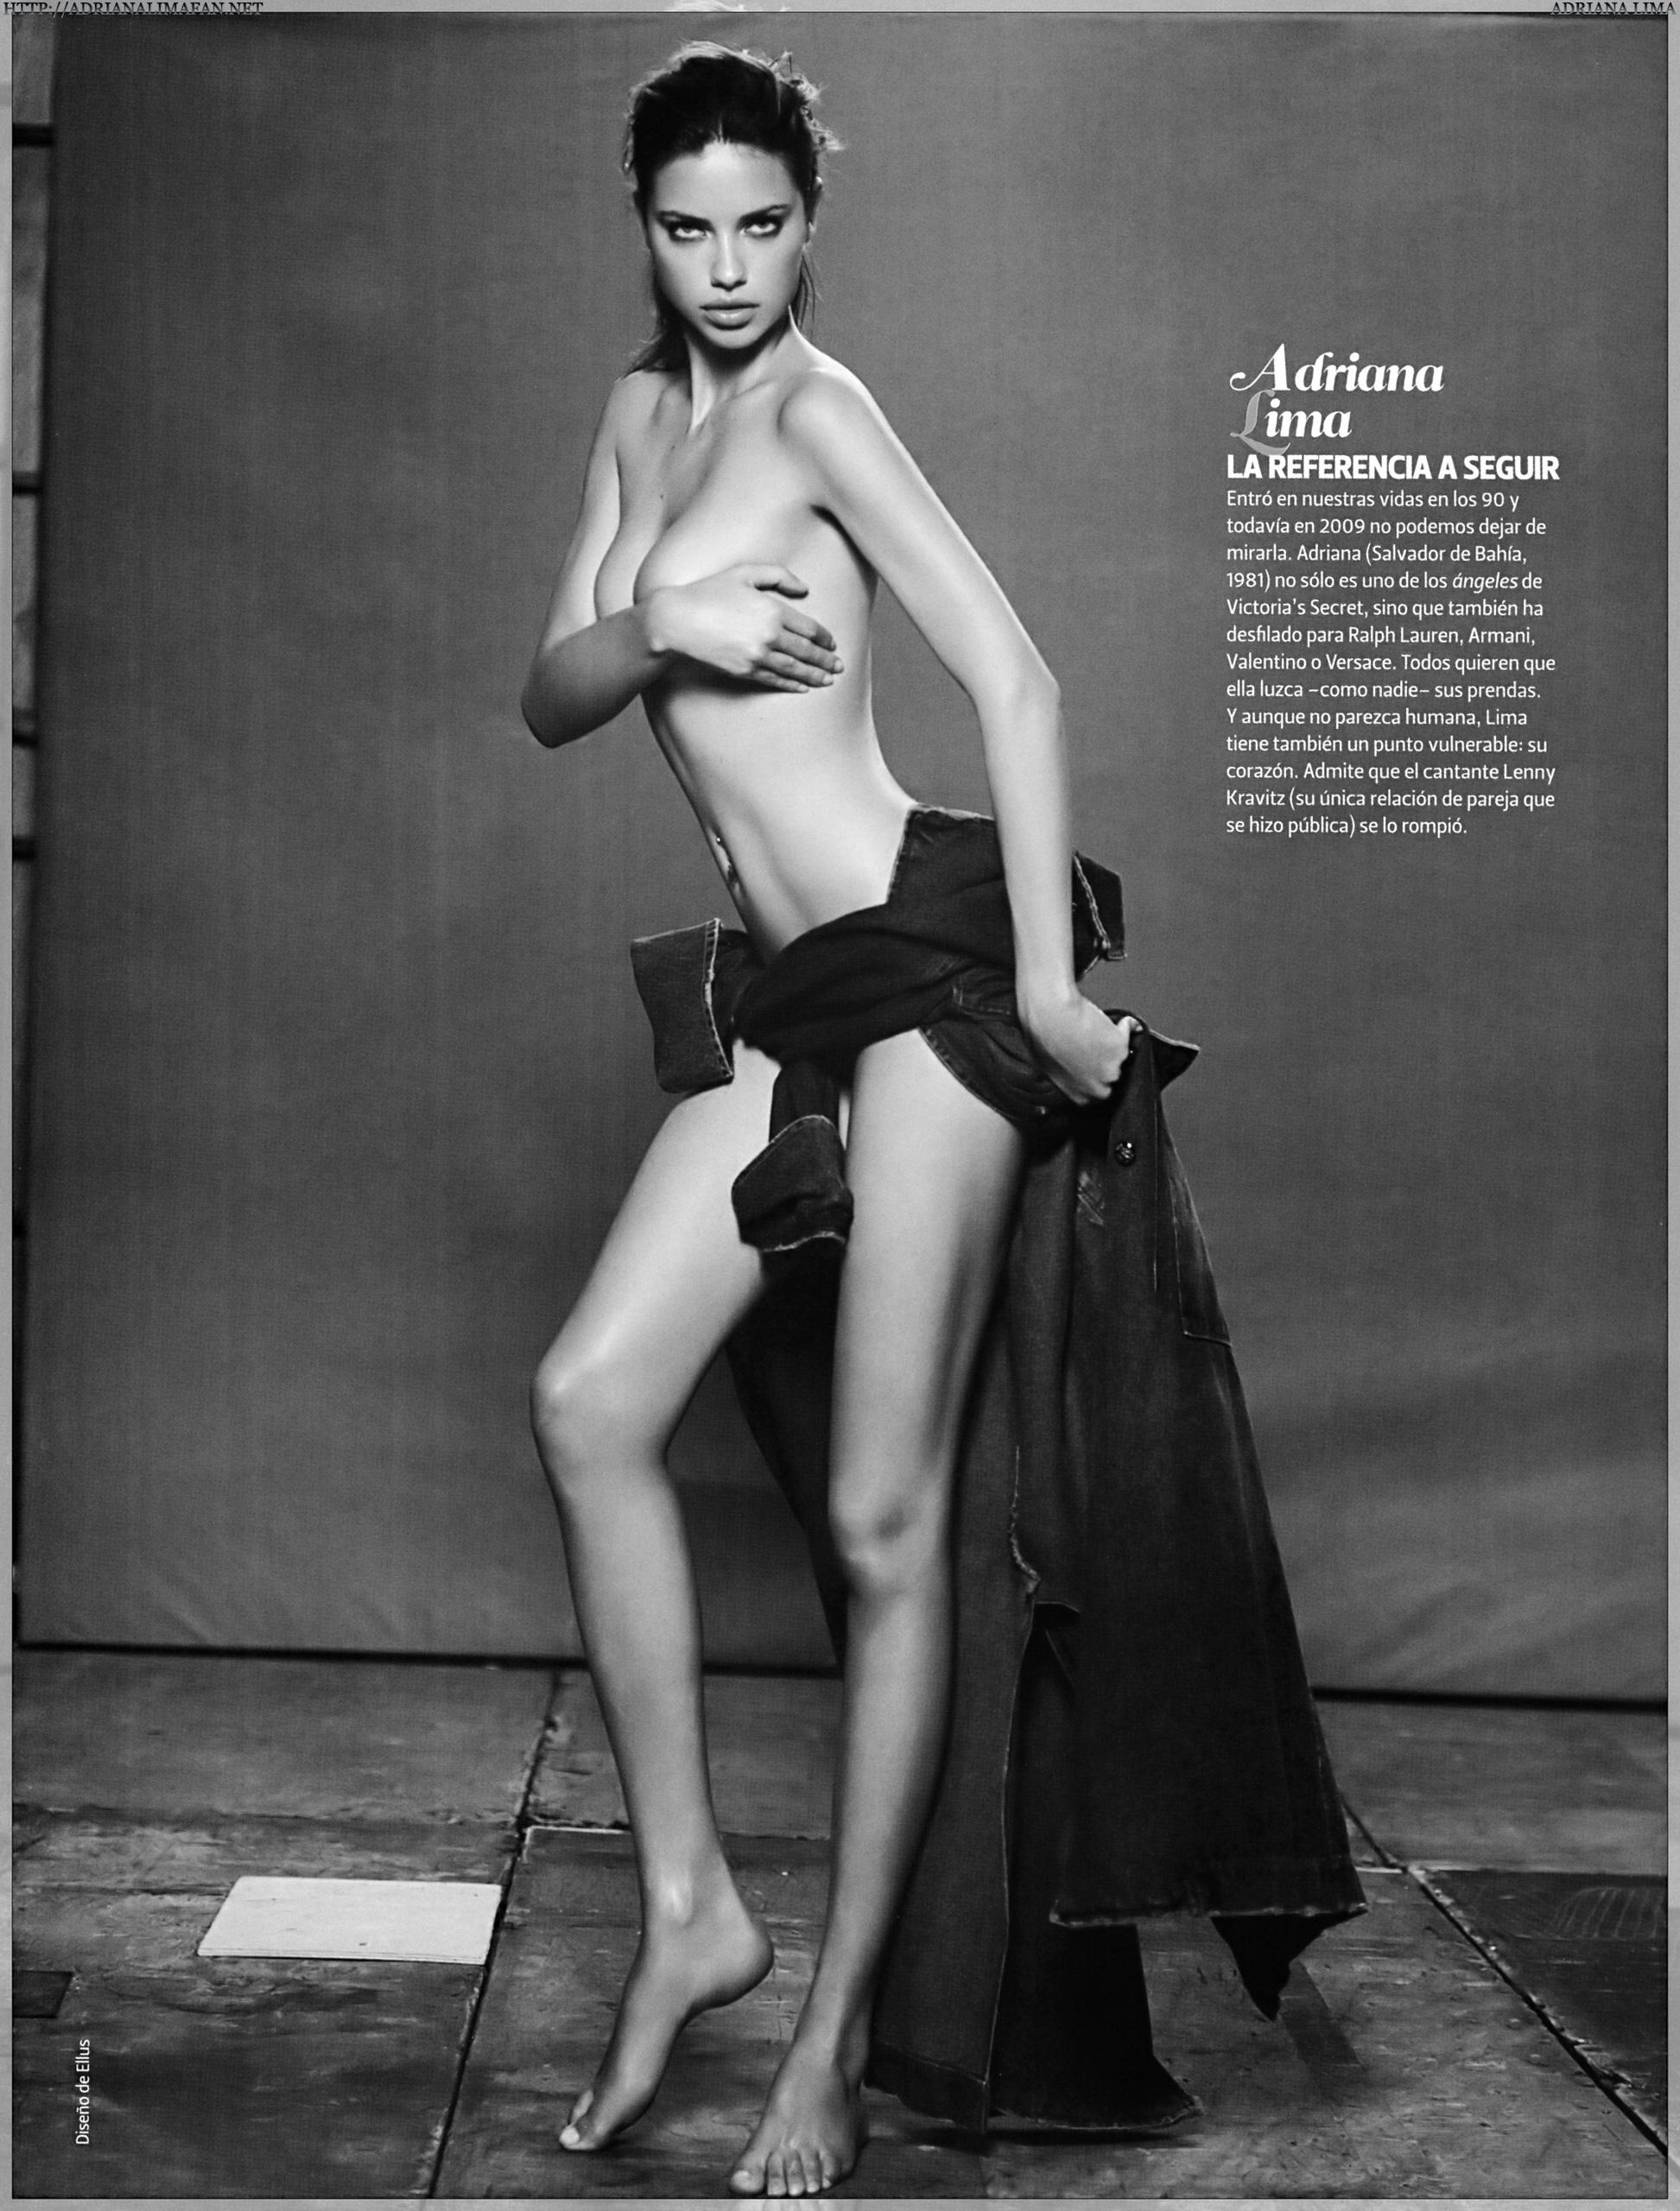 Adriana - DT Magazine 2009